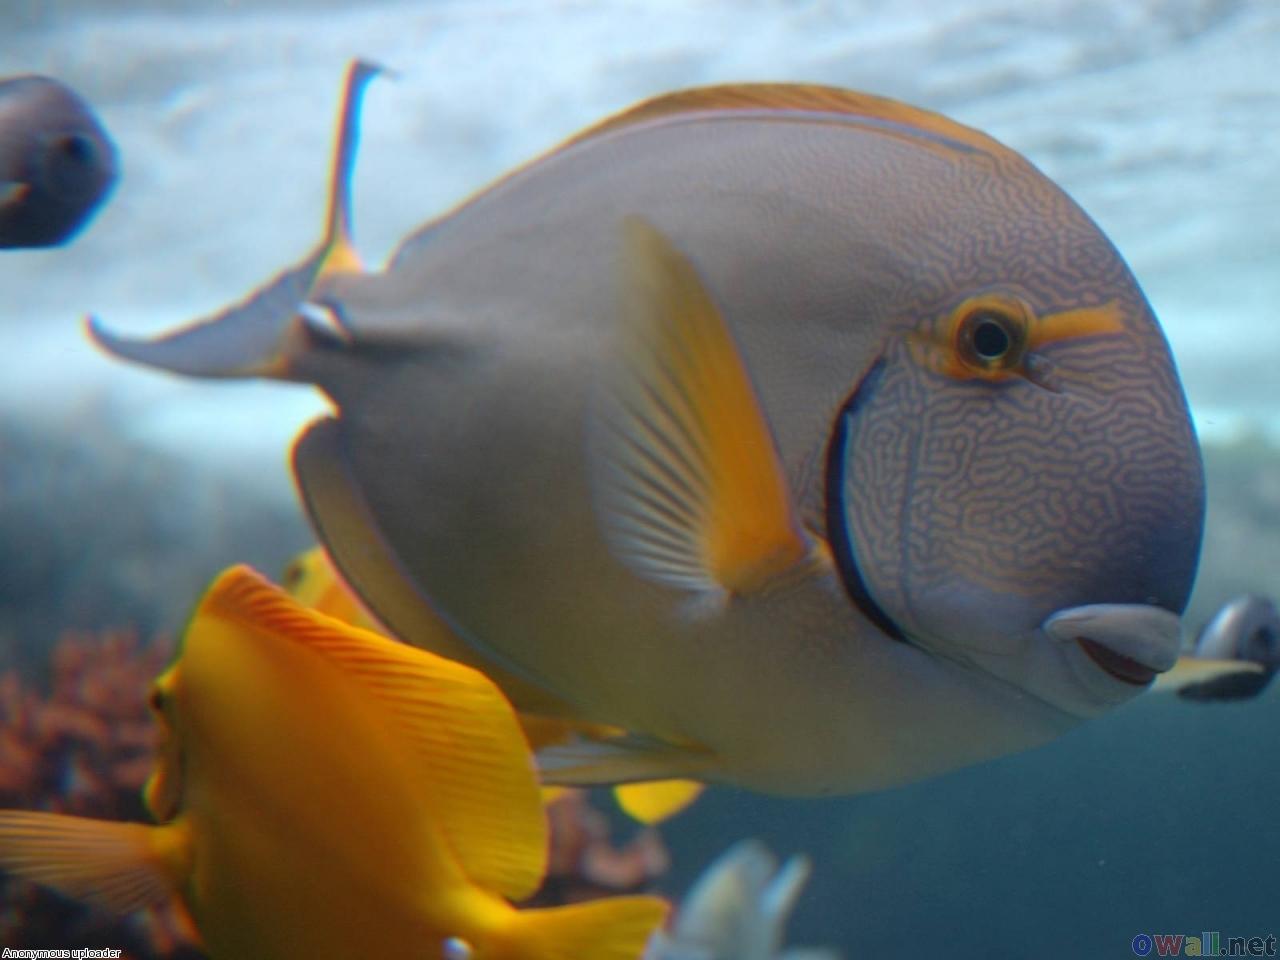 discus fish 1280 x 960